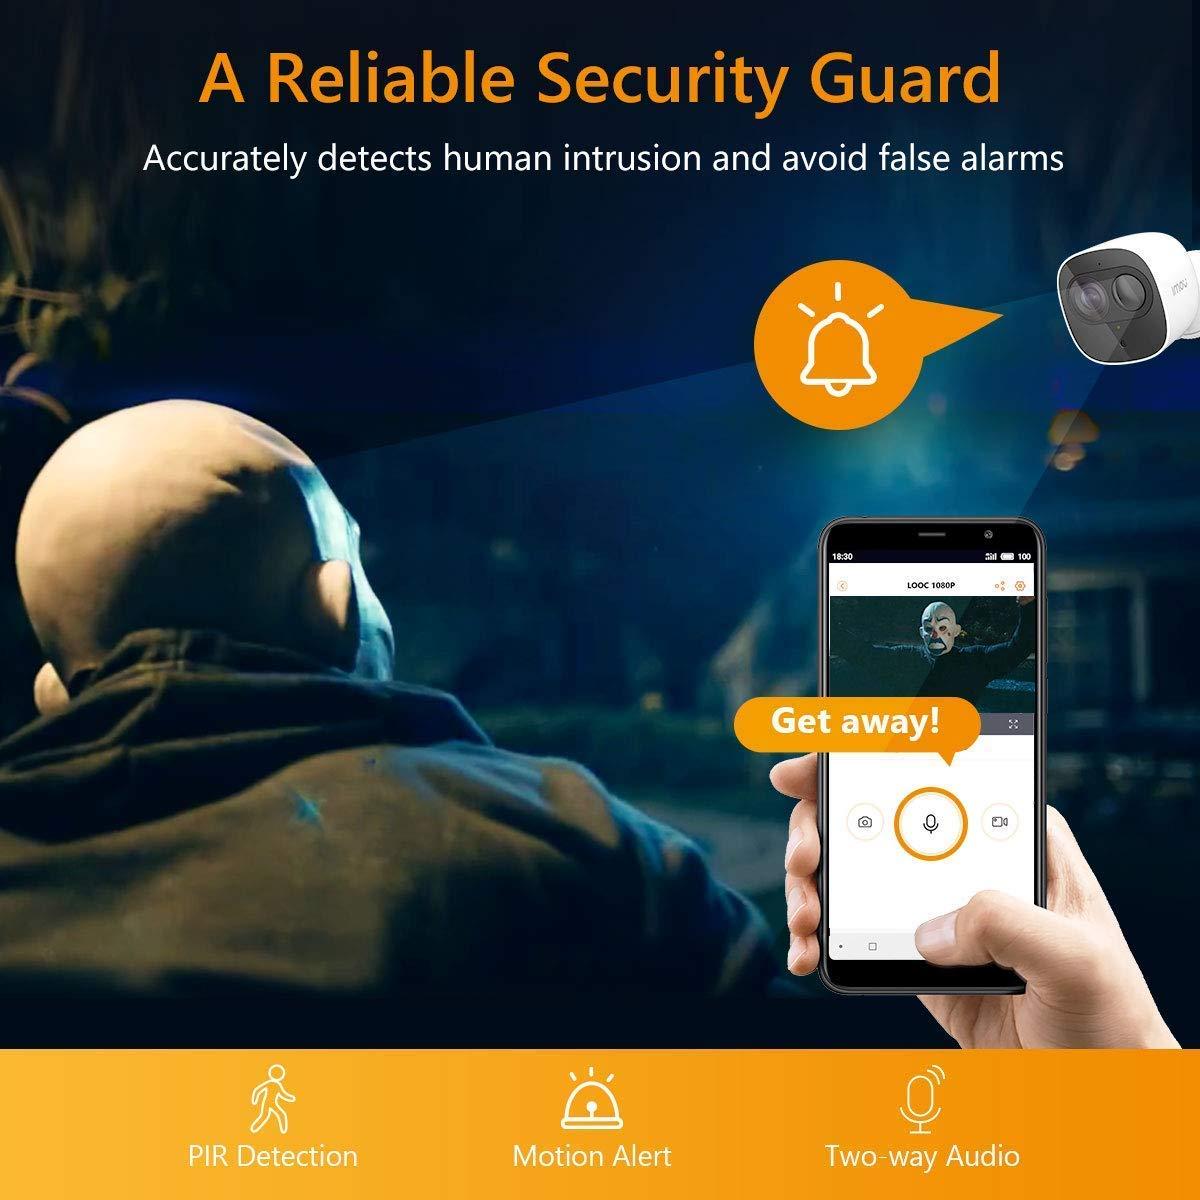 Kit de 2 C/ámaras C/ámaras ip WiFi Exterior//Interior con Detecci/ón de Movimiento PIR Visi/ón Nocturna y Audio Bidireccional C/ámara de Vigilancia WiFi sin Cable con Bater/ía Recargable Cell Pro 1+2